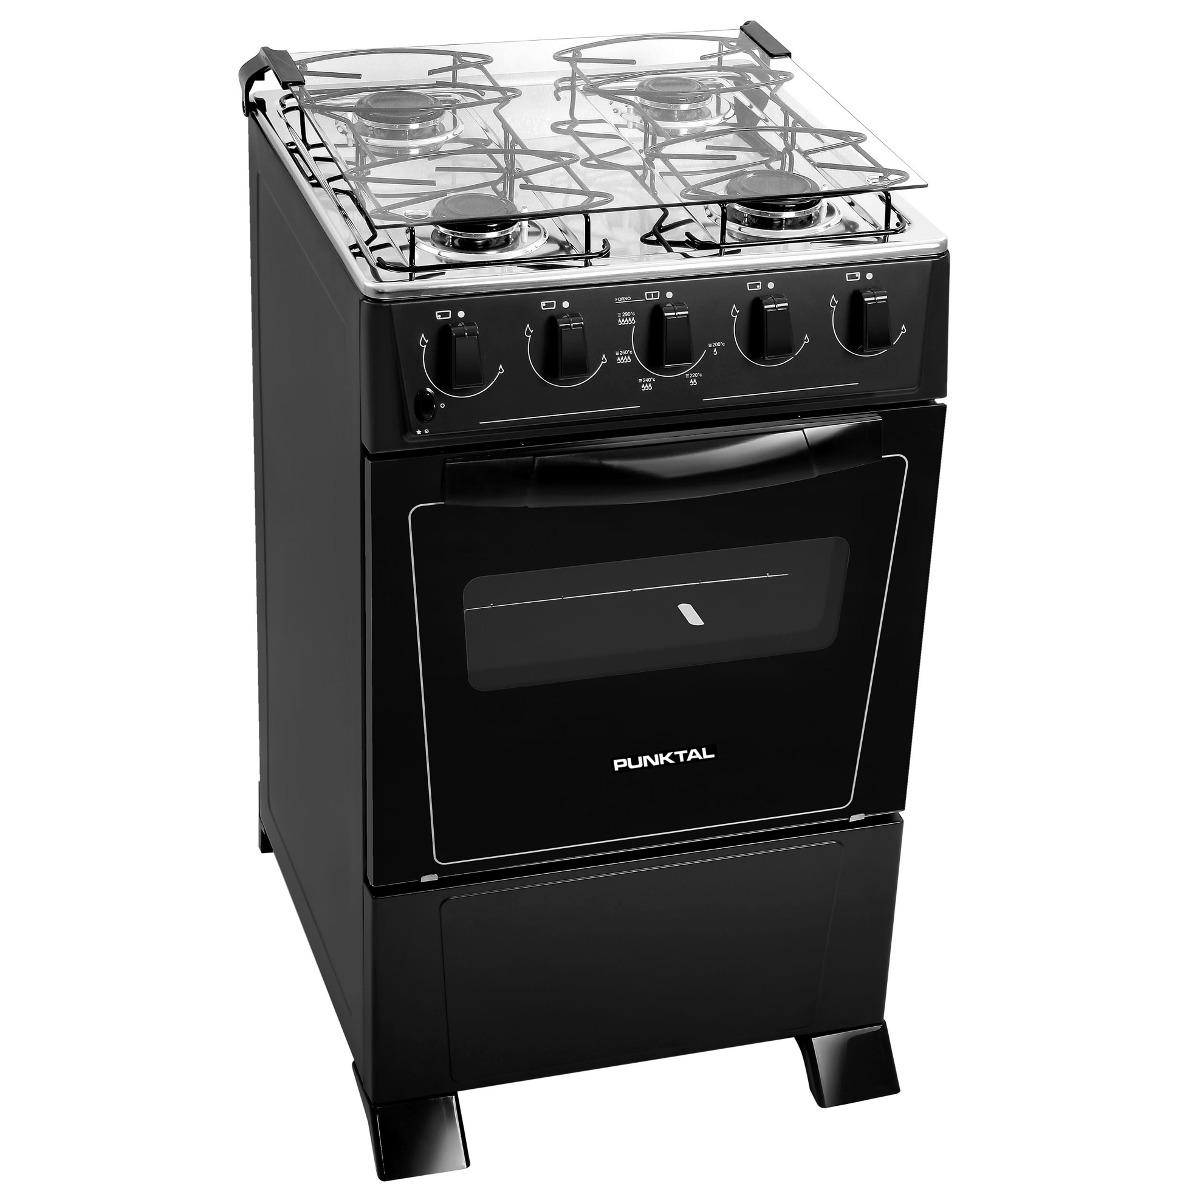 Cocina a gas punktal pk375c 4 hornallas mesa acero inox for Cocinas a gas precios